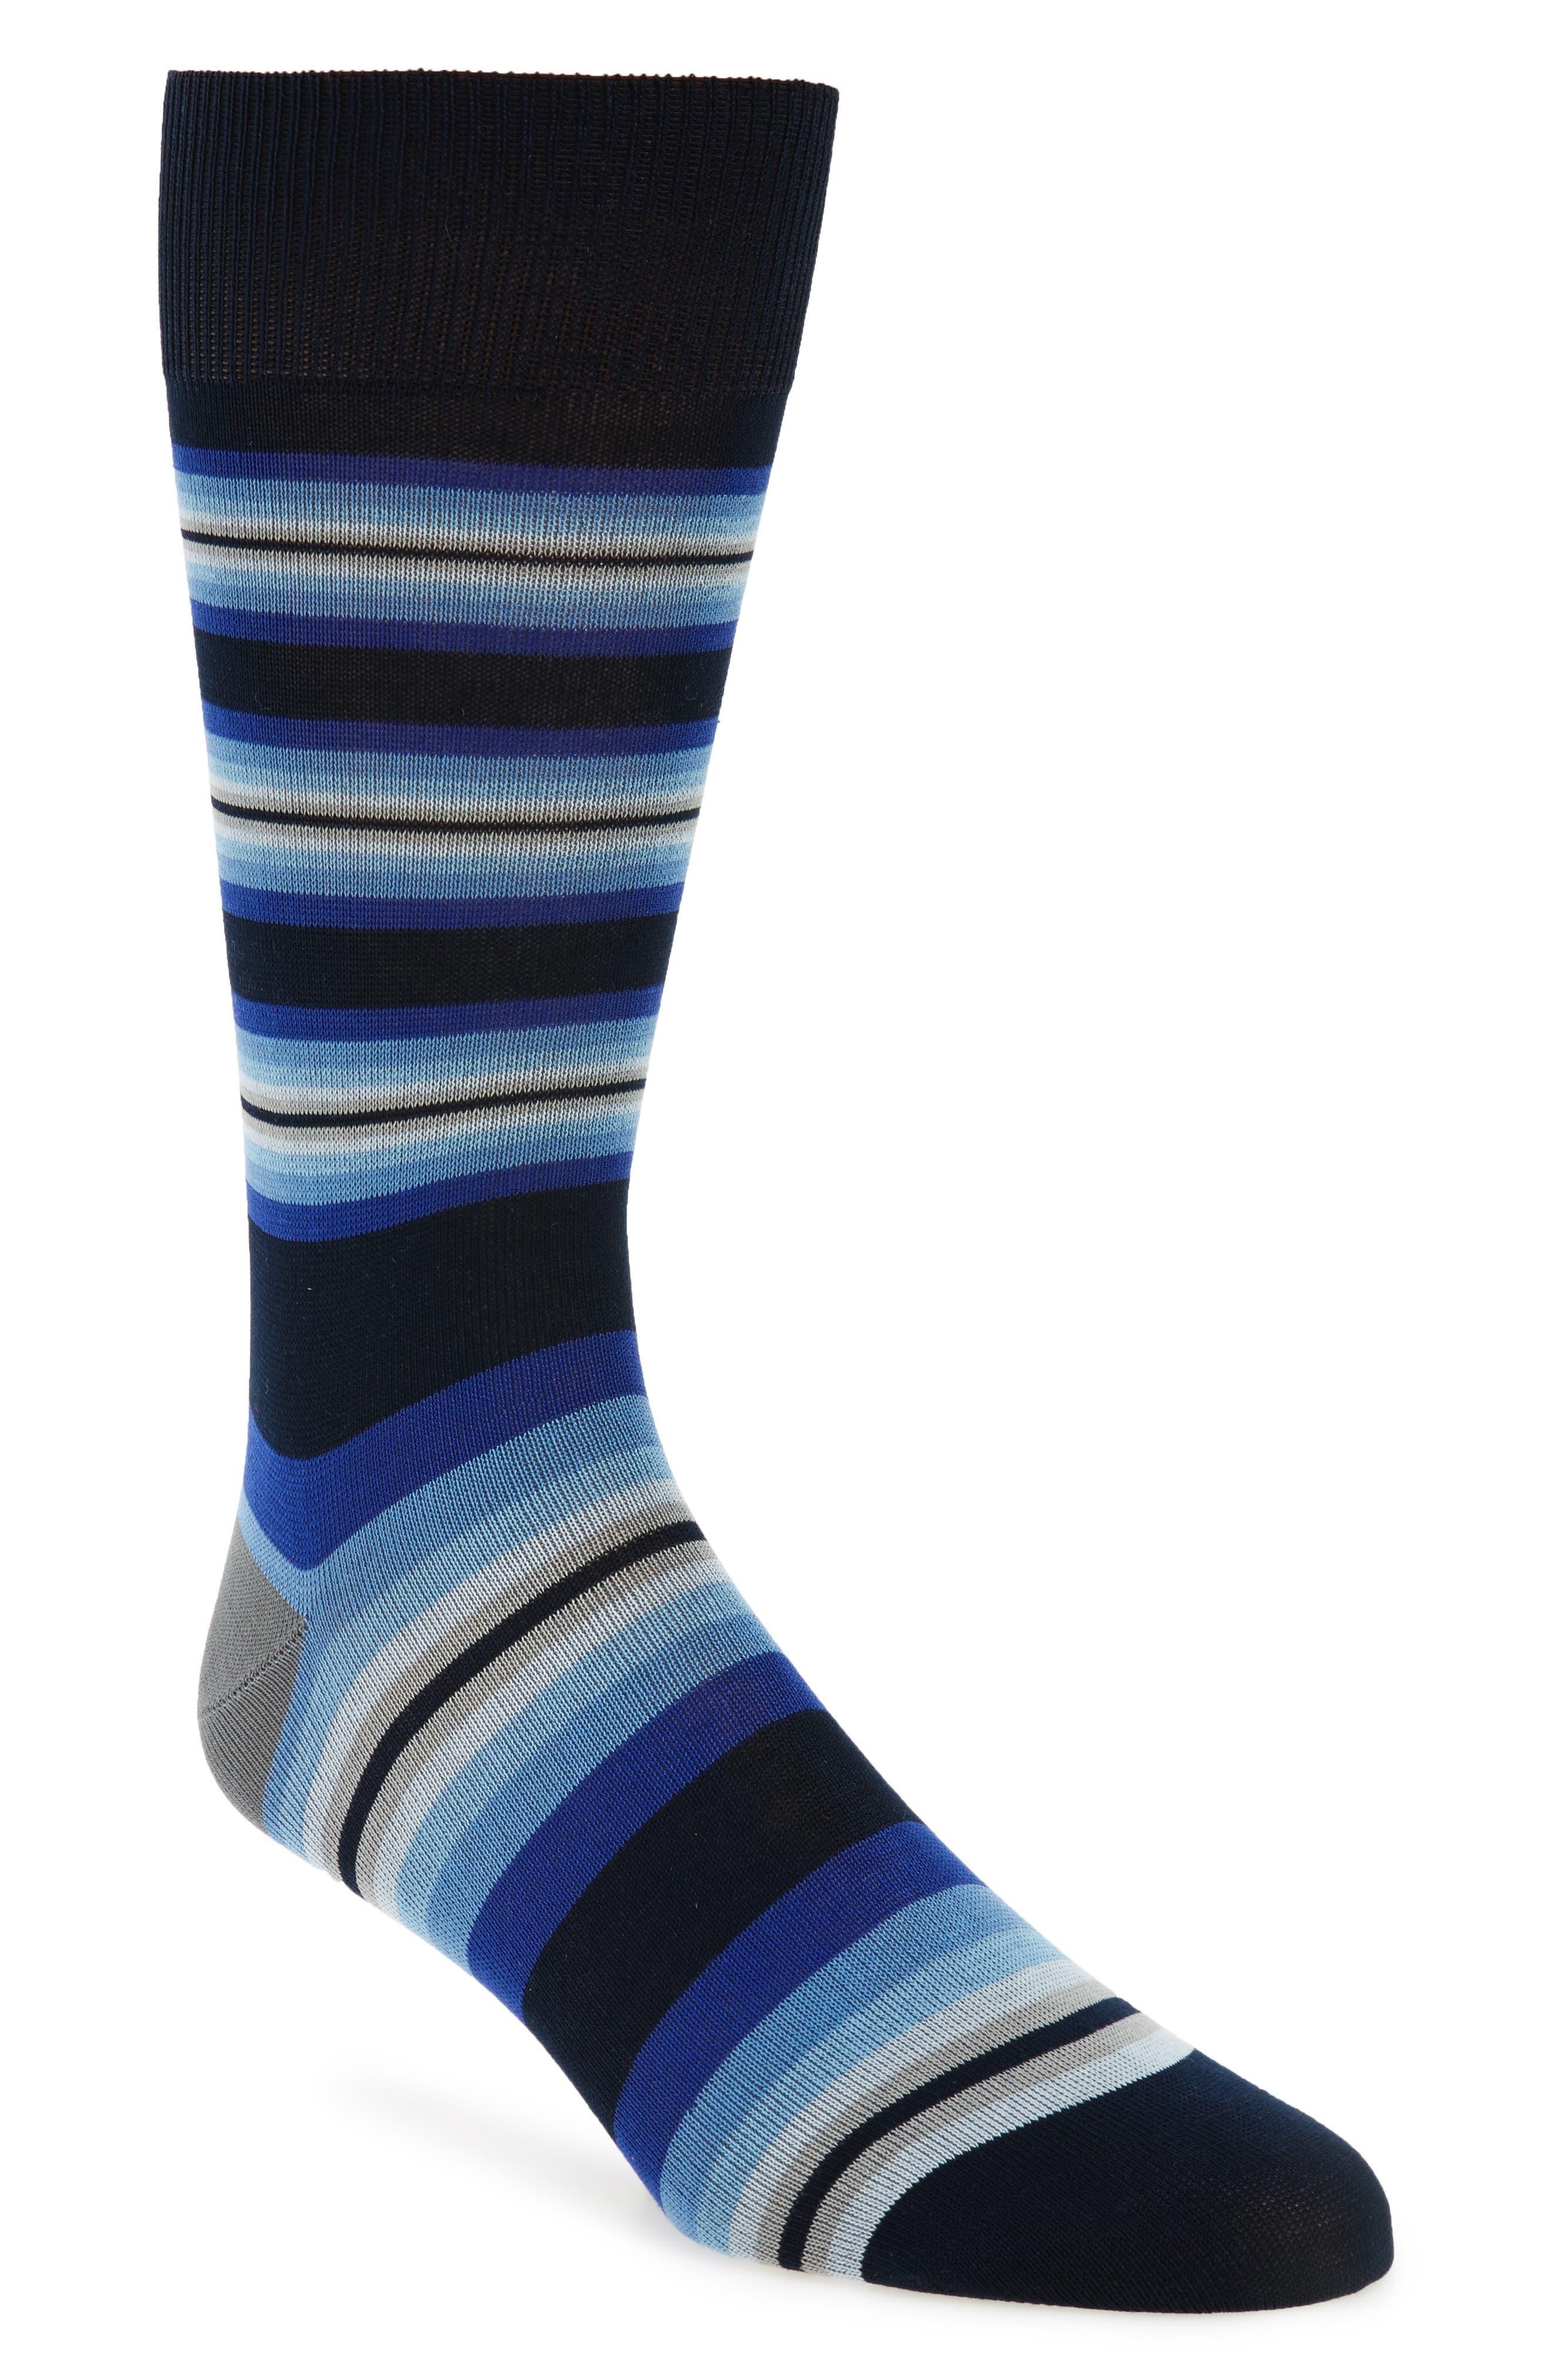 Main Image - Paul Smith Tiger Stripe Socks